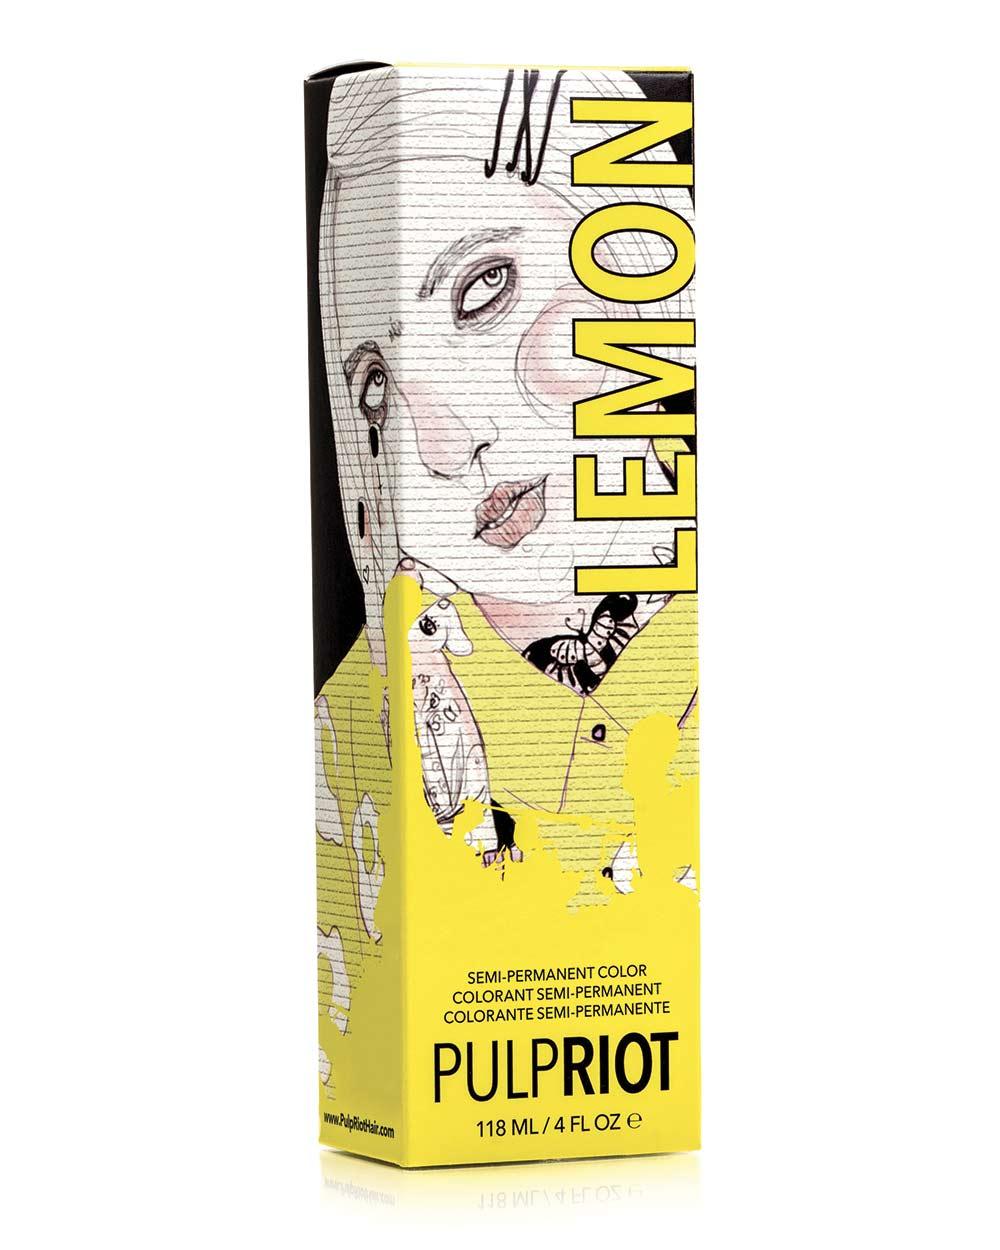 Pulp-Riot-03.jpg